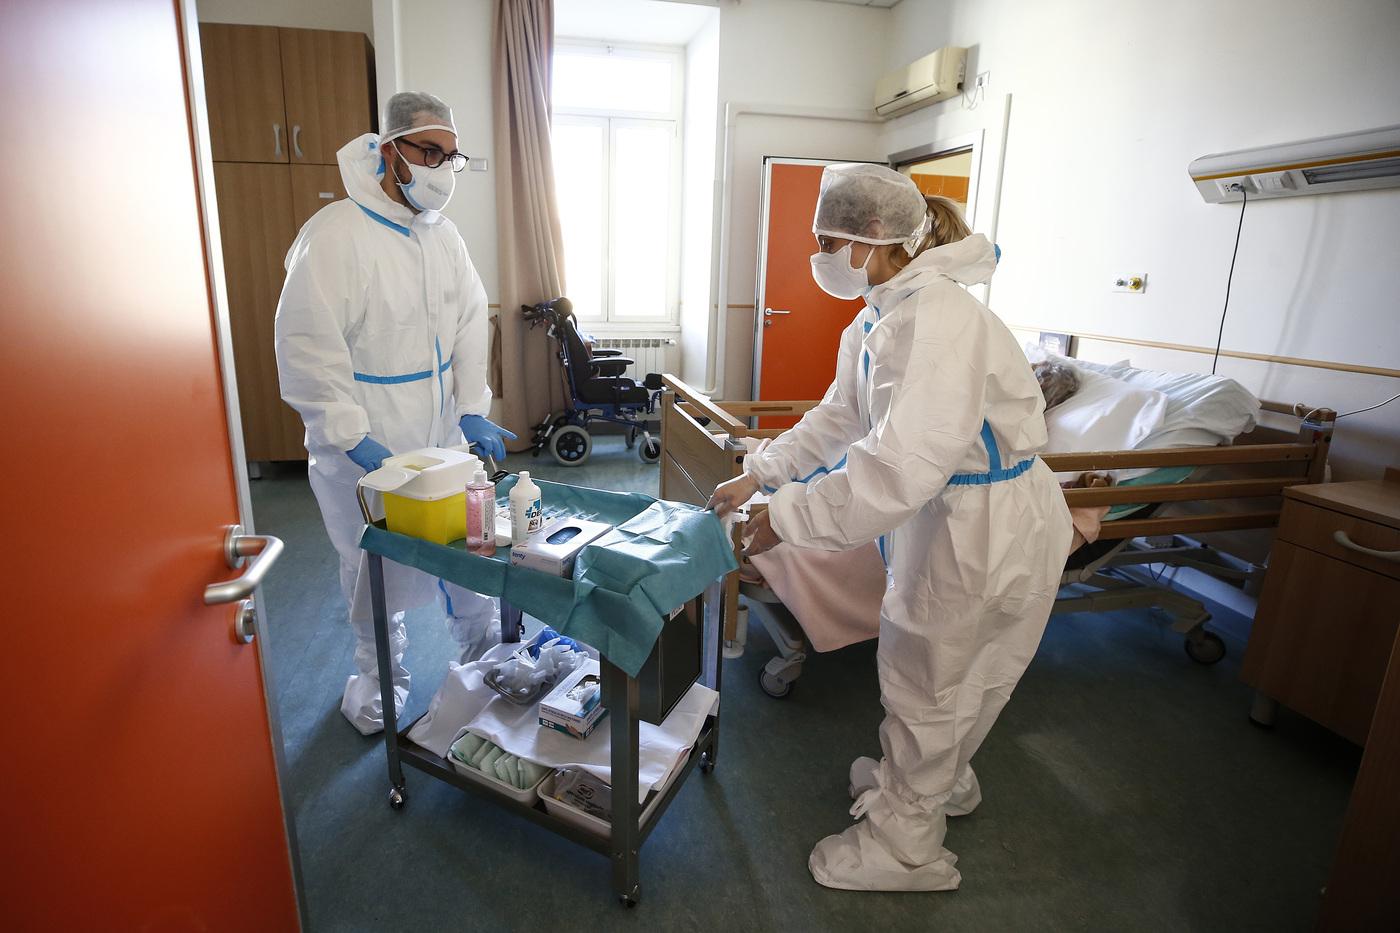 Roma, le vaccinazioni anti Covid-19 nelle Rsa